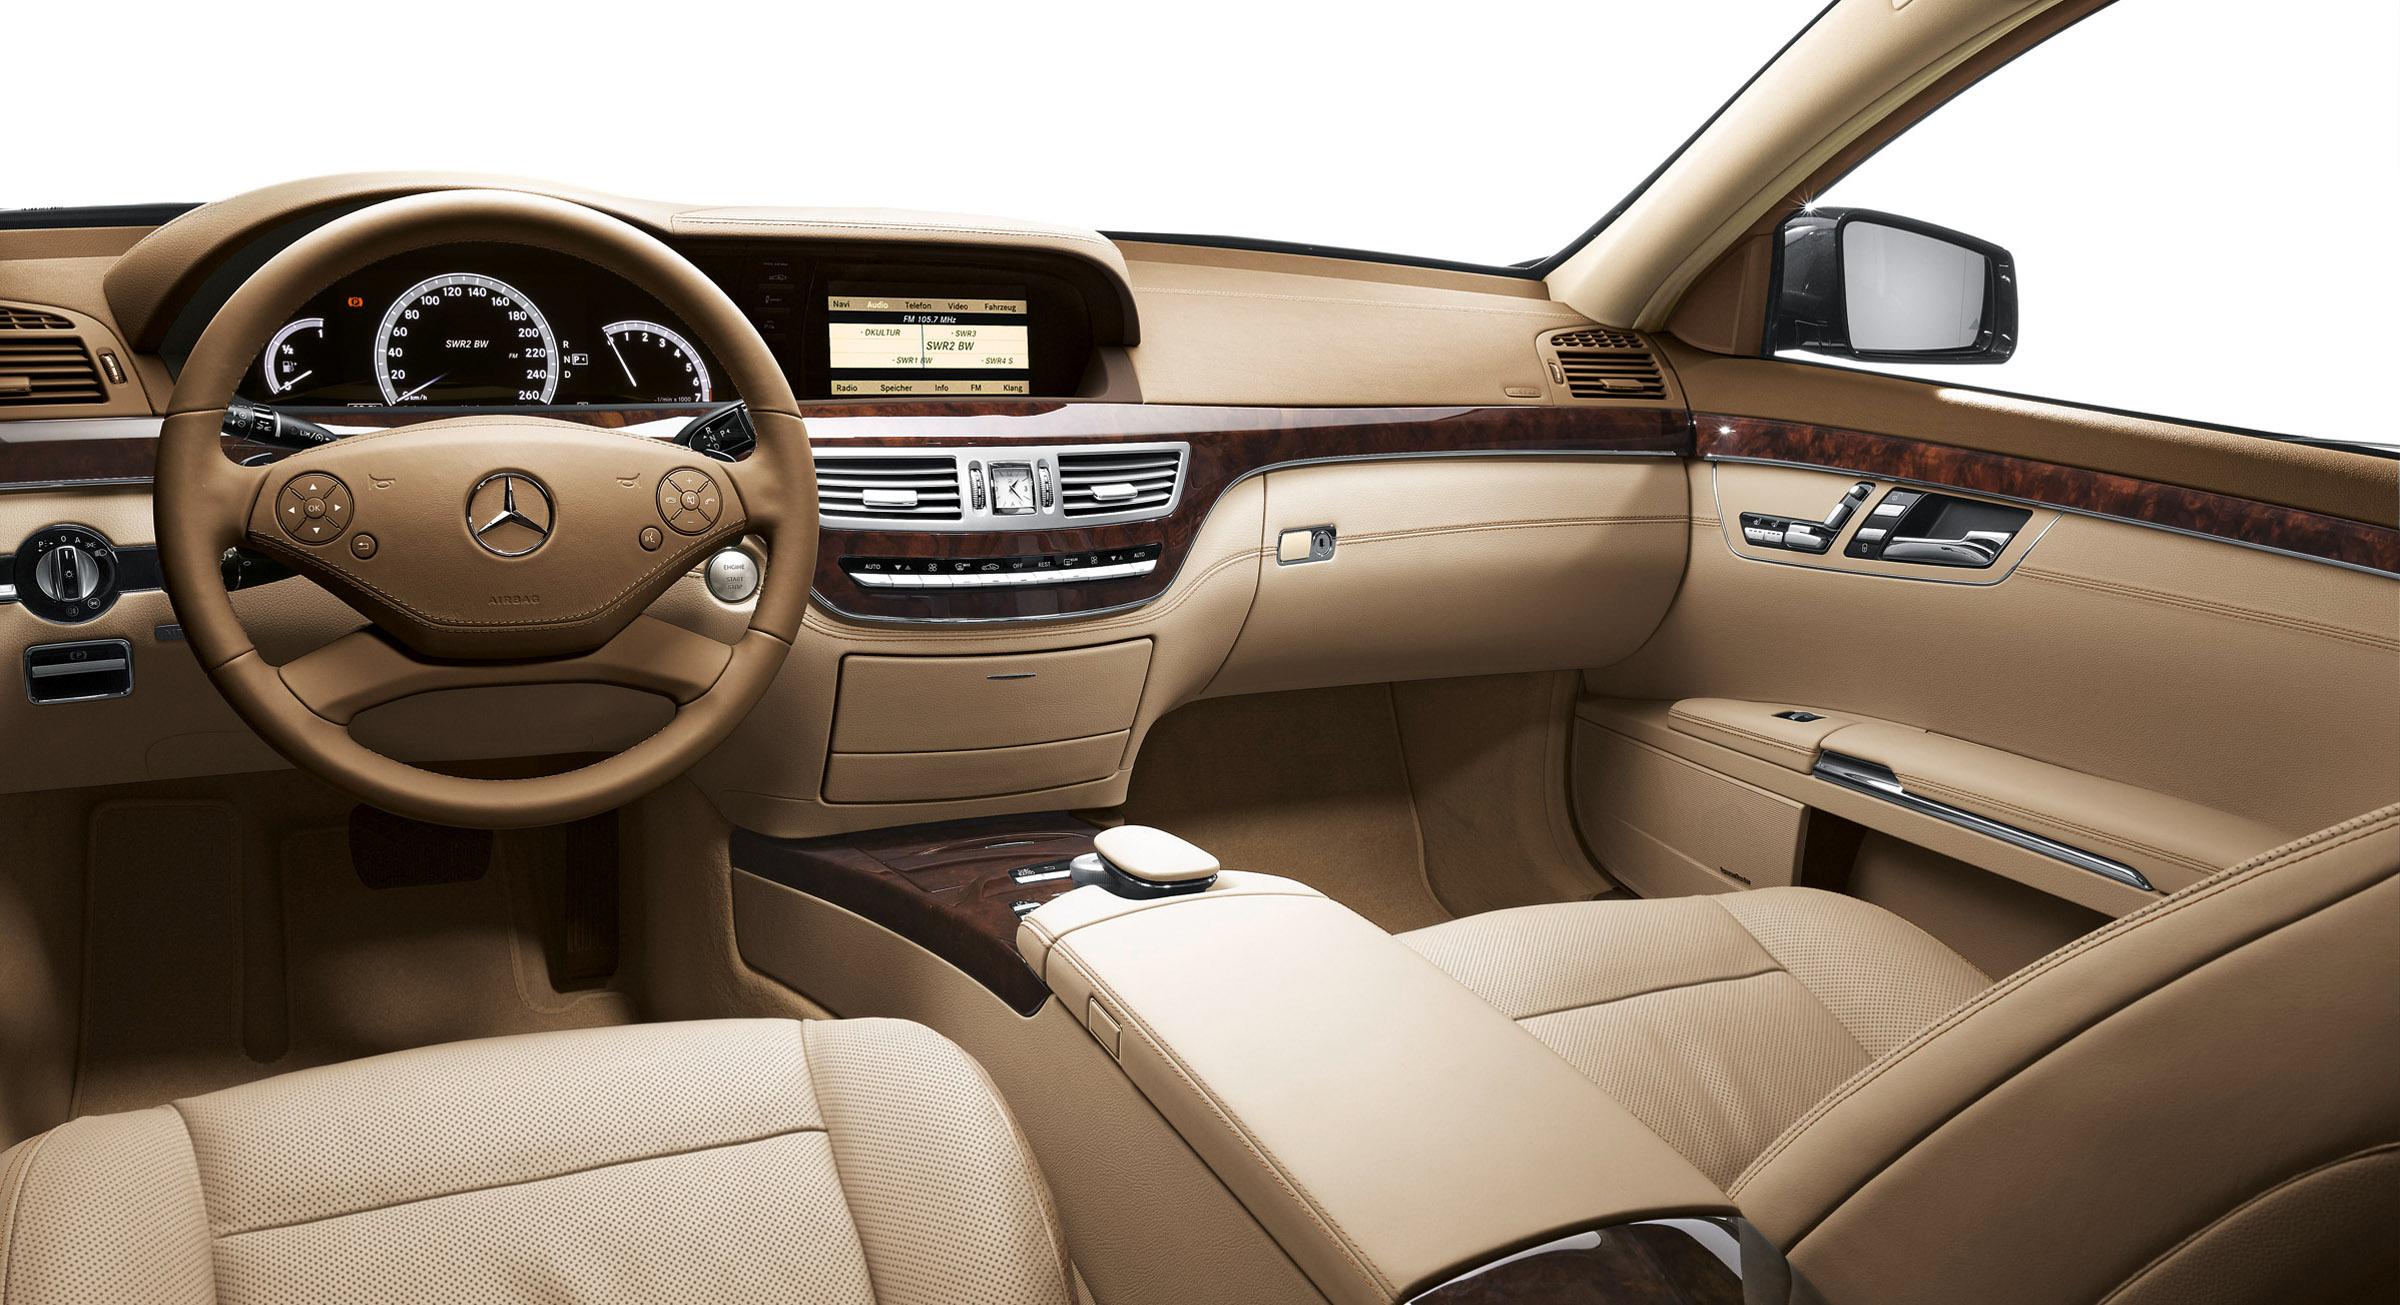 2010 Mercedes Benz S350 Bluetec The Most Efficient And